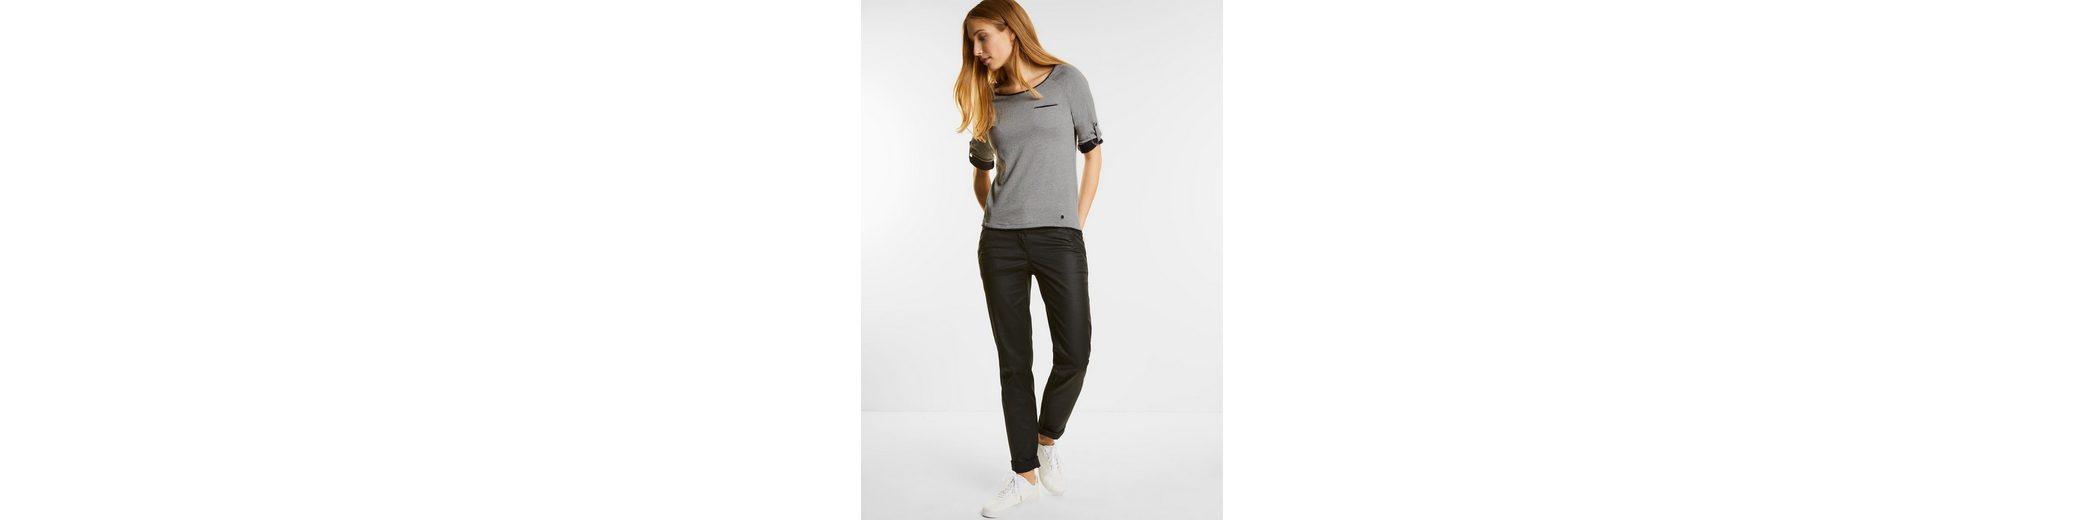 CECIL 3/4-Arm Melange Shirt Mailin Versand Outlet-Store Online Freies Verschiffen Größte Lieferant Mit Paypal Freiem Verschiffen Verkauf Wahl sYnSqJ8bP